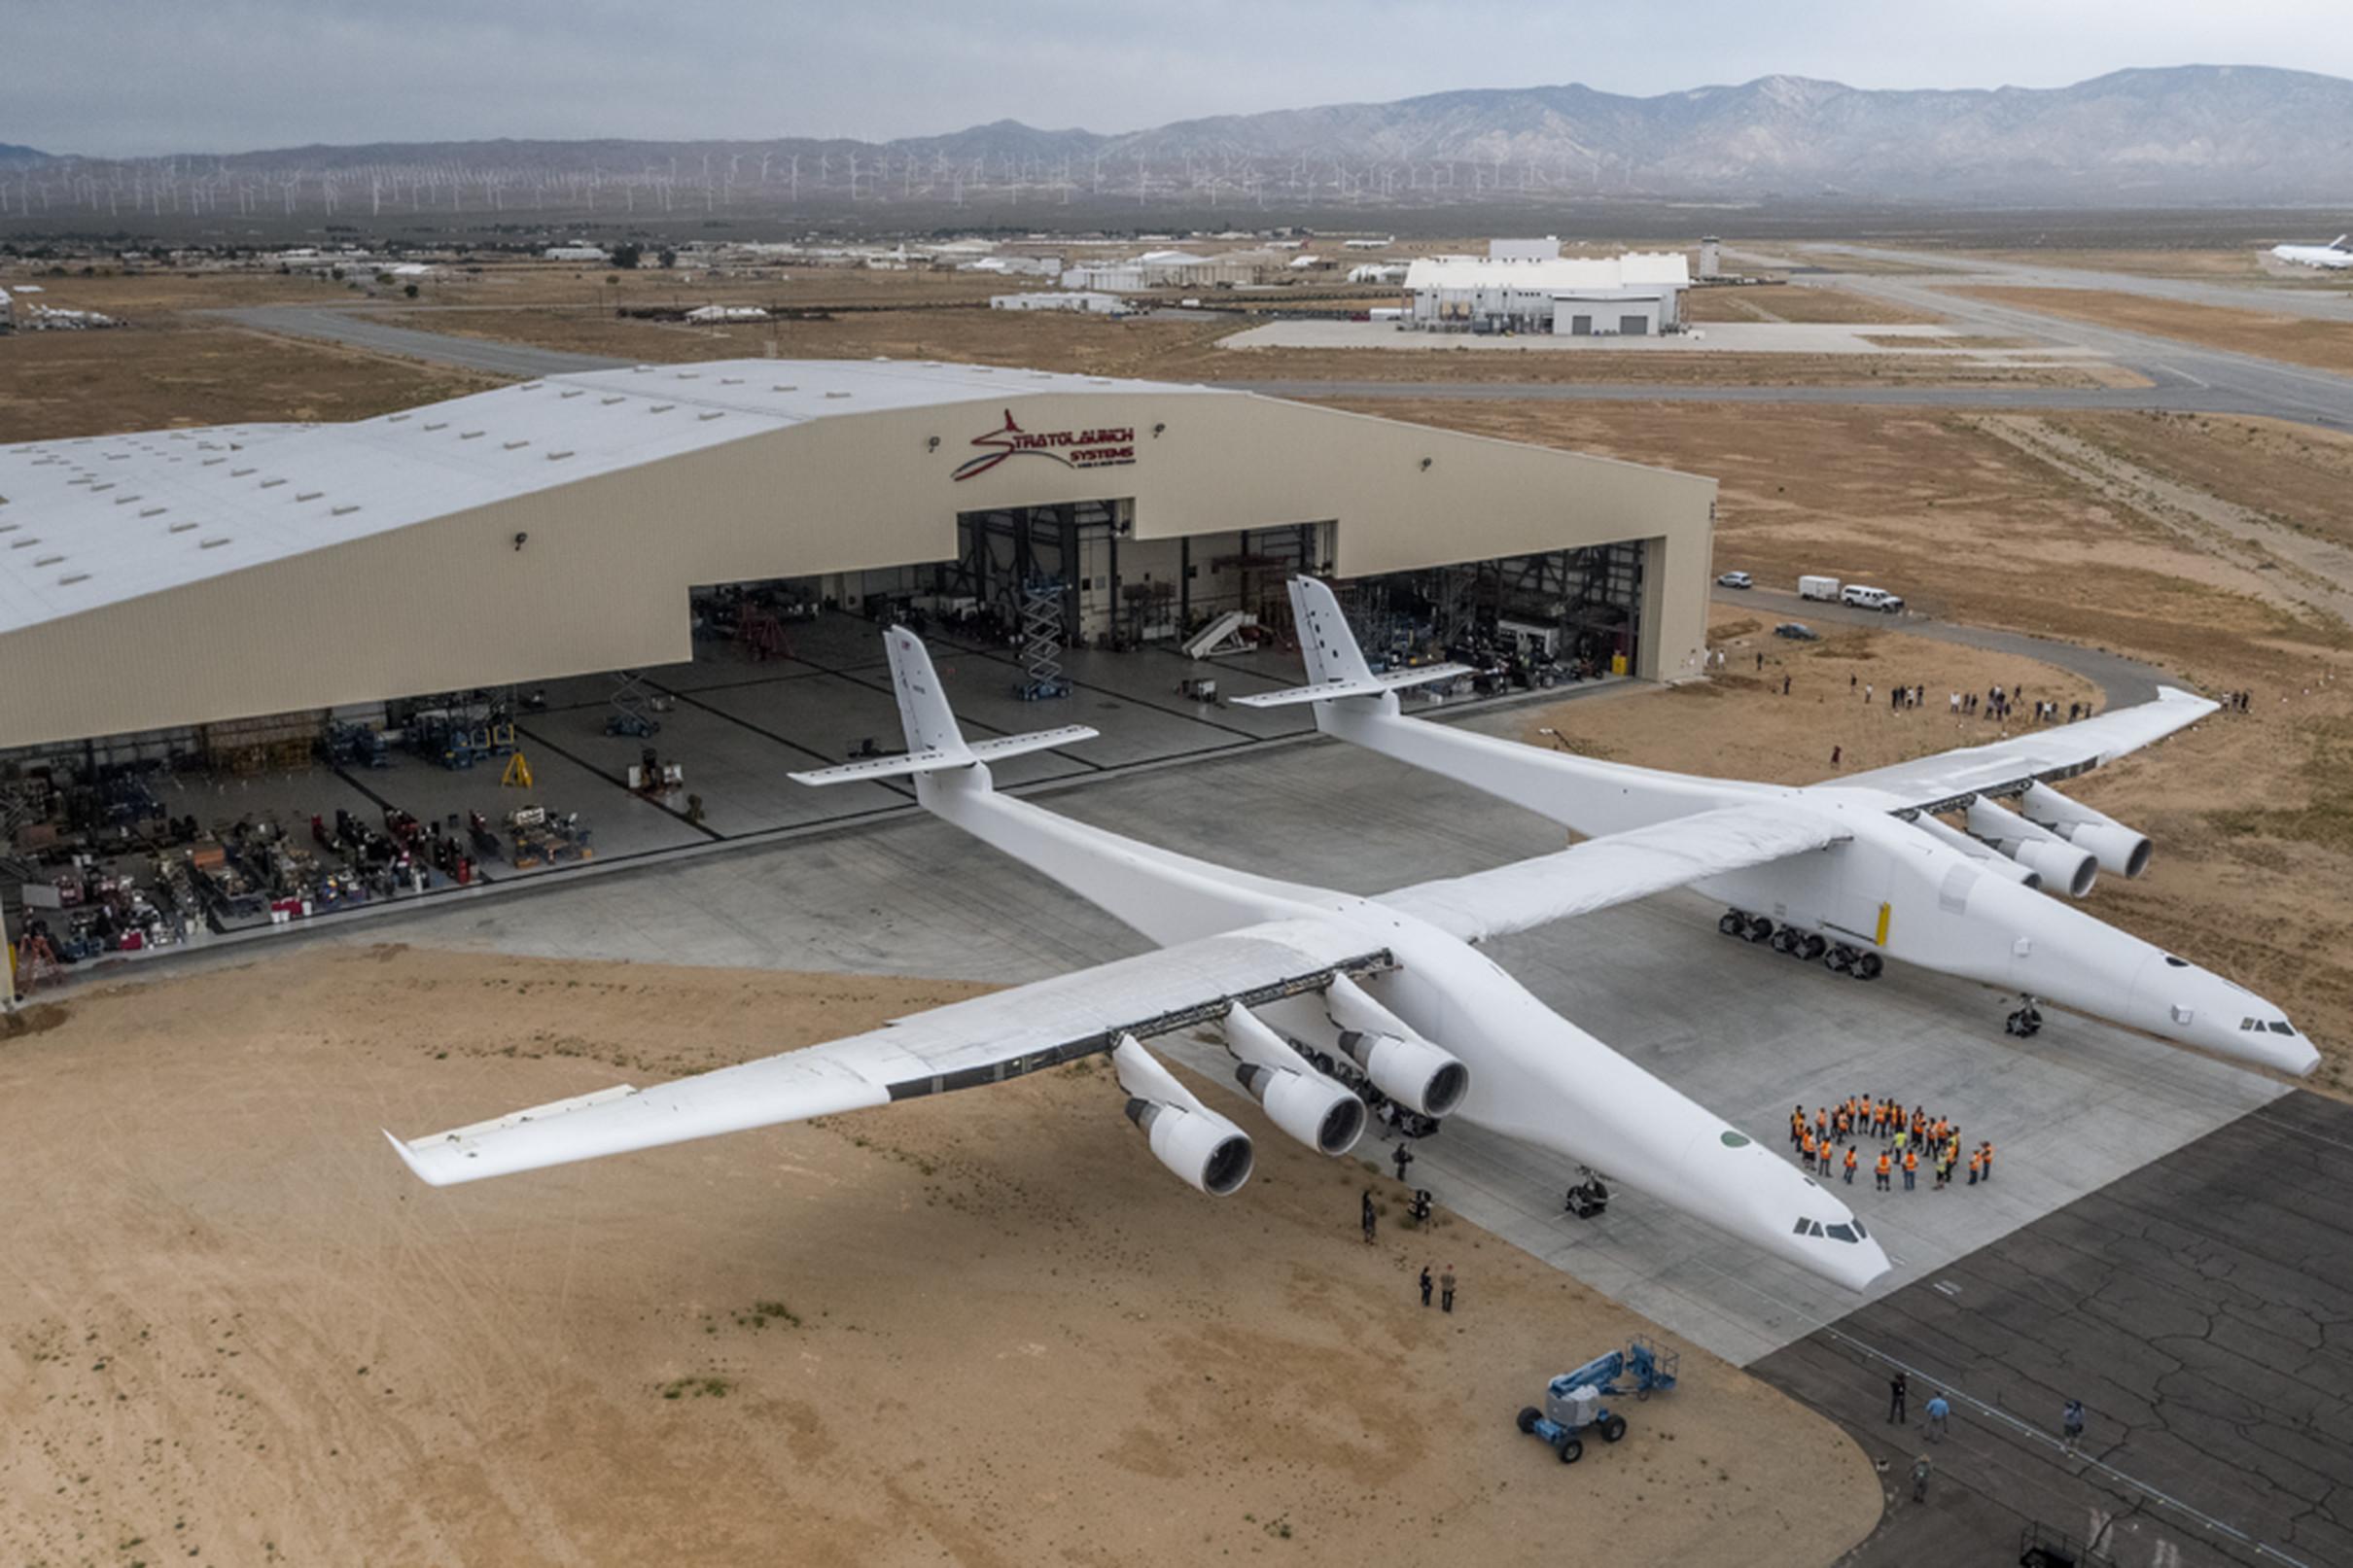 El cofundador de Microsoft sorprende con avión gigante para transportar cohetes